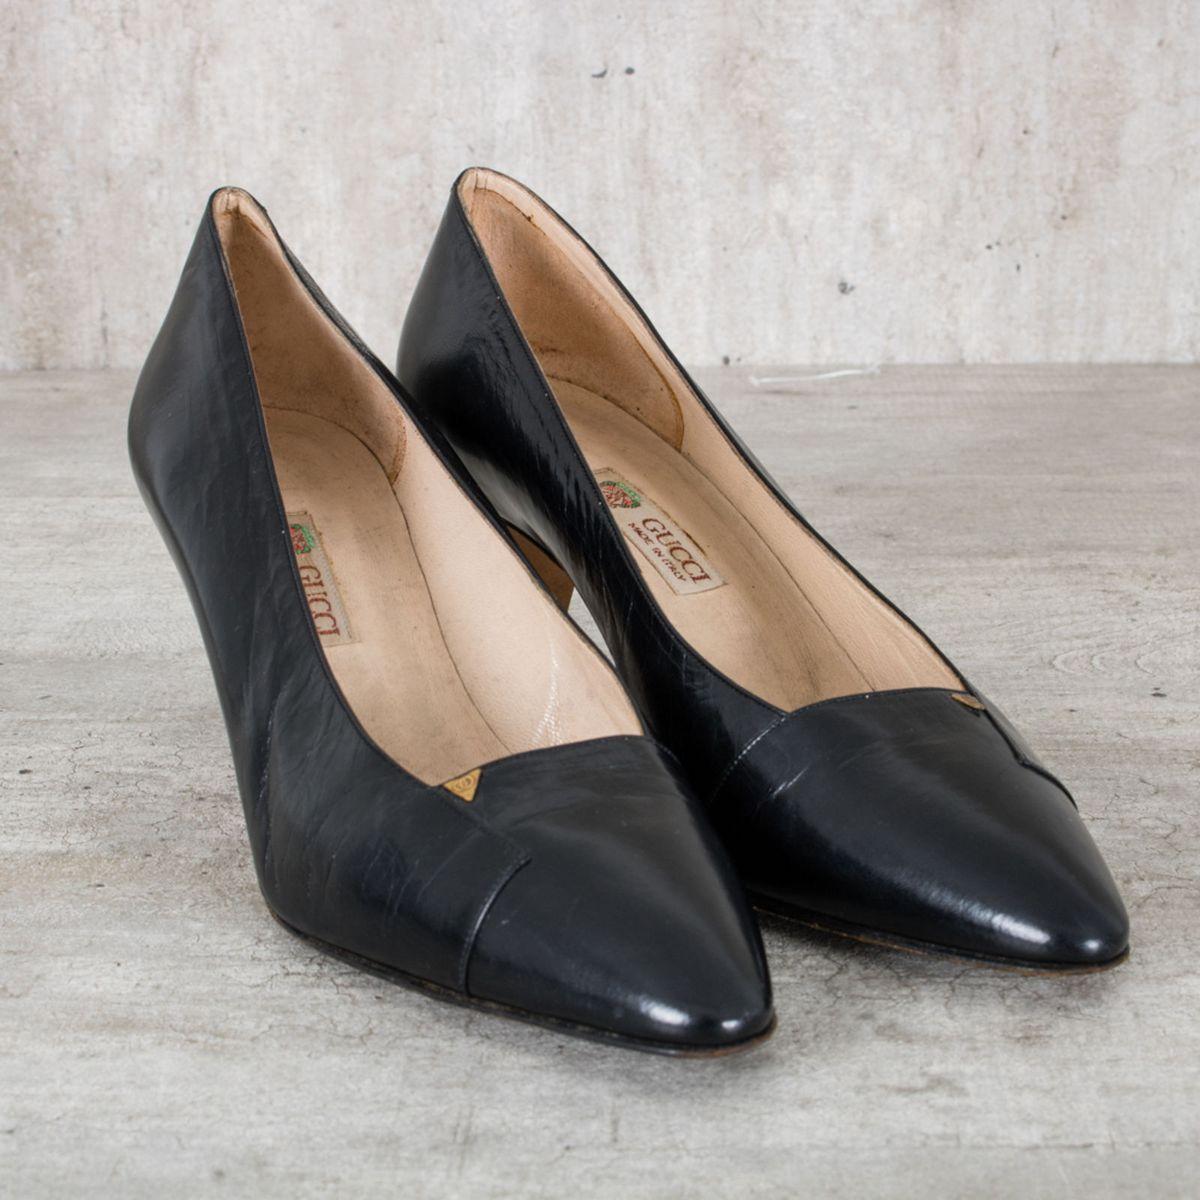 19eecc4b8 Sapato Scarpin Gucci | Sapato Feminino Gucci Usado 25334434 | enjoei